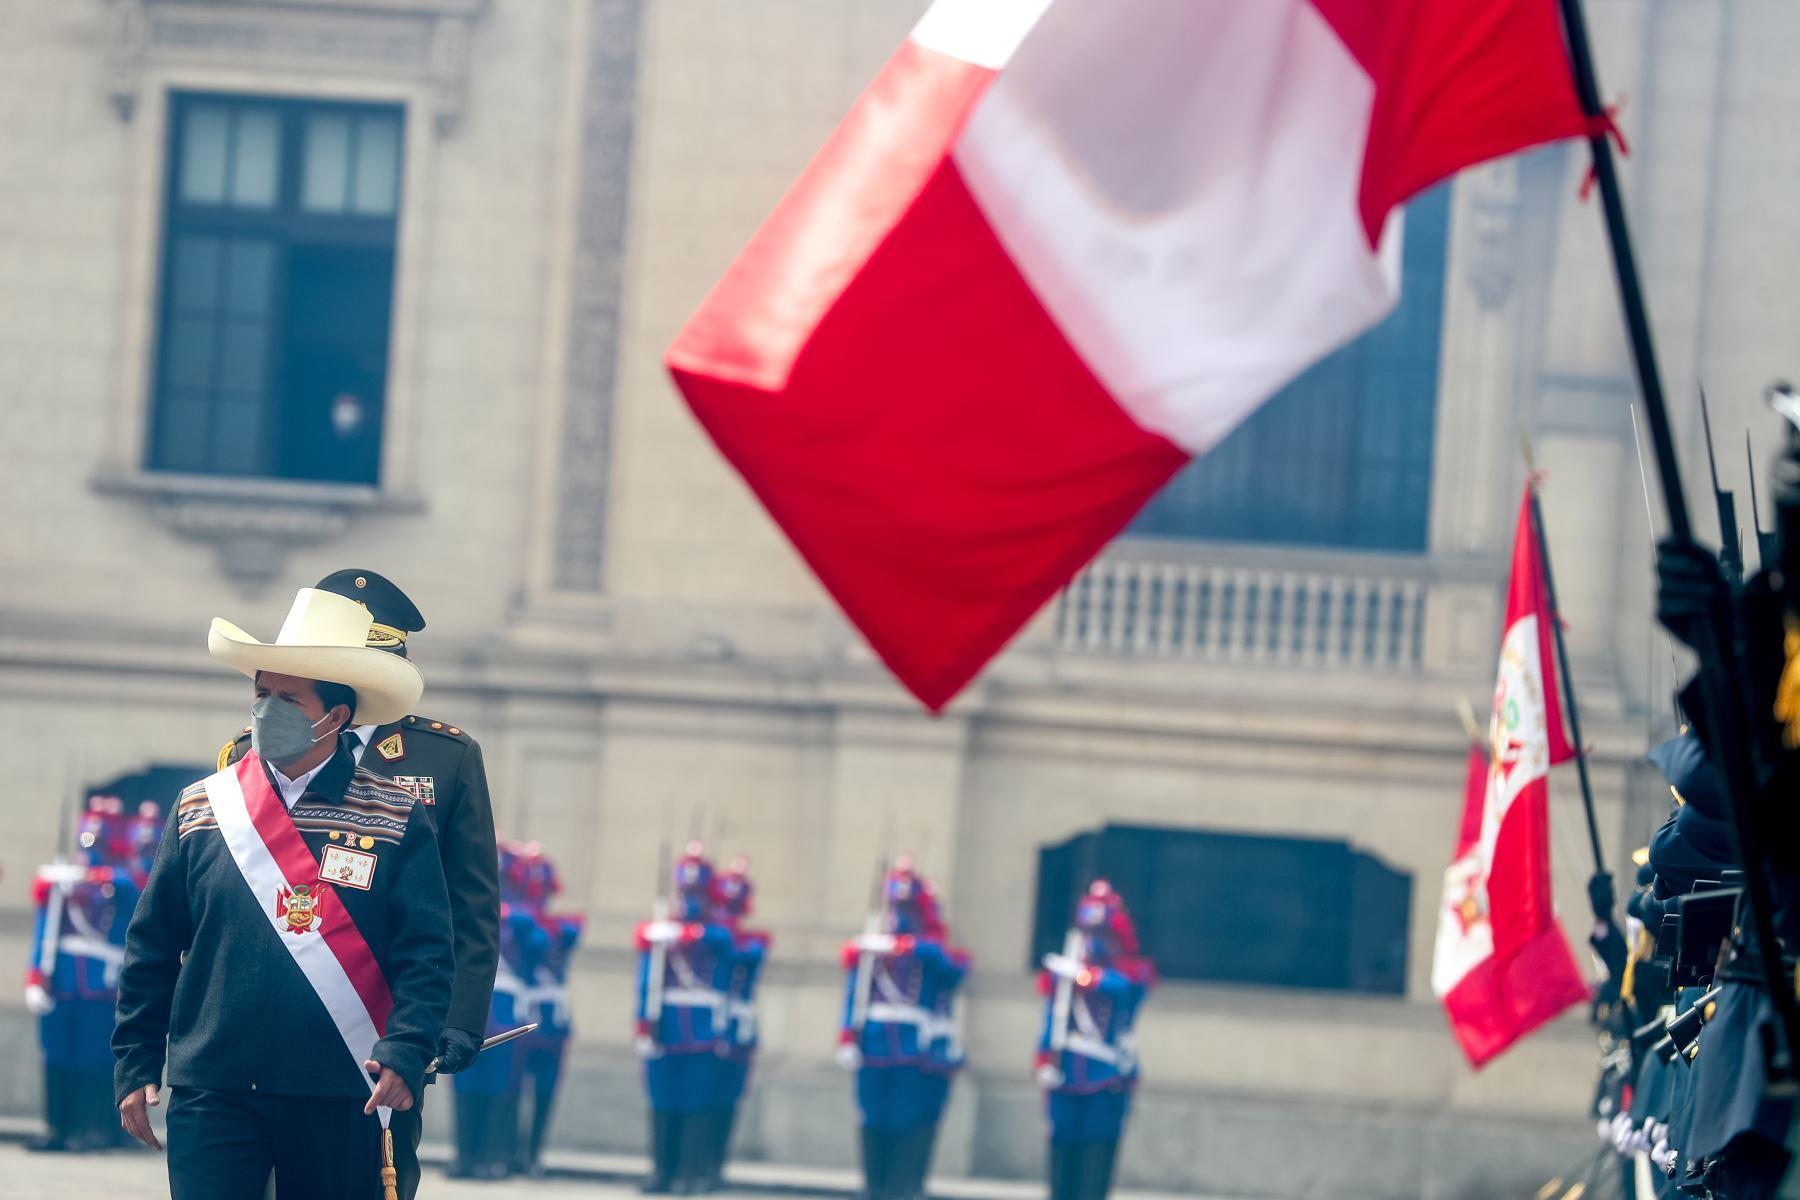 El presidente Pedro Castillo Terrones es reconocido como jefe supremo de las Fuerzas Armadas y de la Policía Nacional, en una ceremonia realizada en el Patio de Honor de Palacio de Gobierno. Foto: Prensa Presidencia